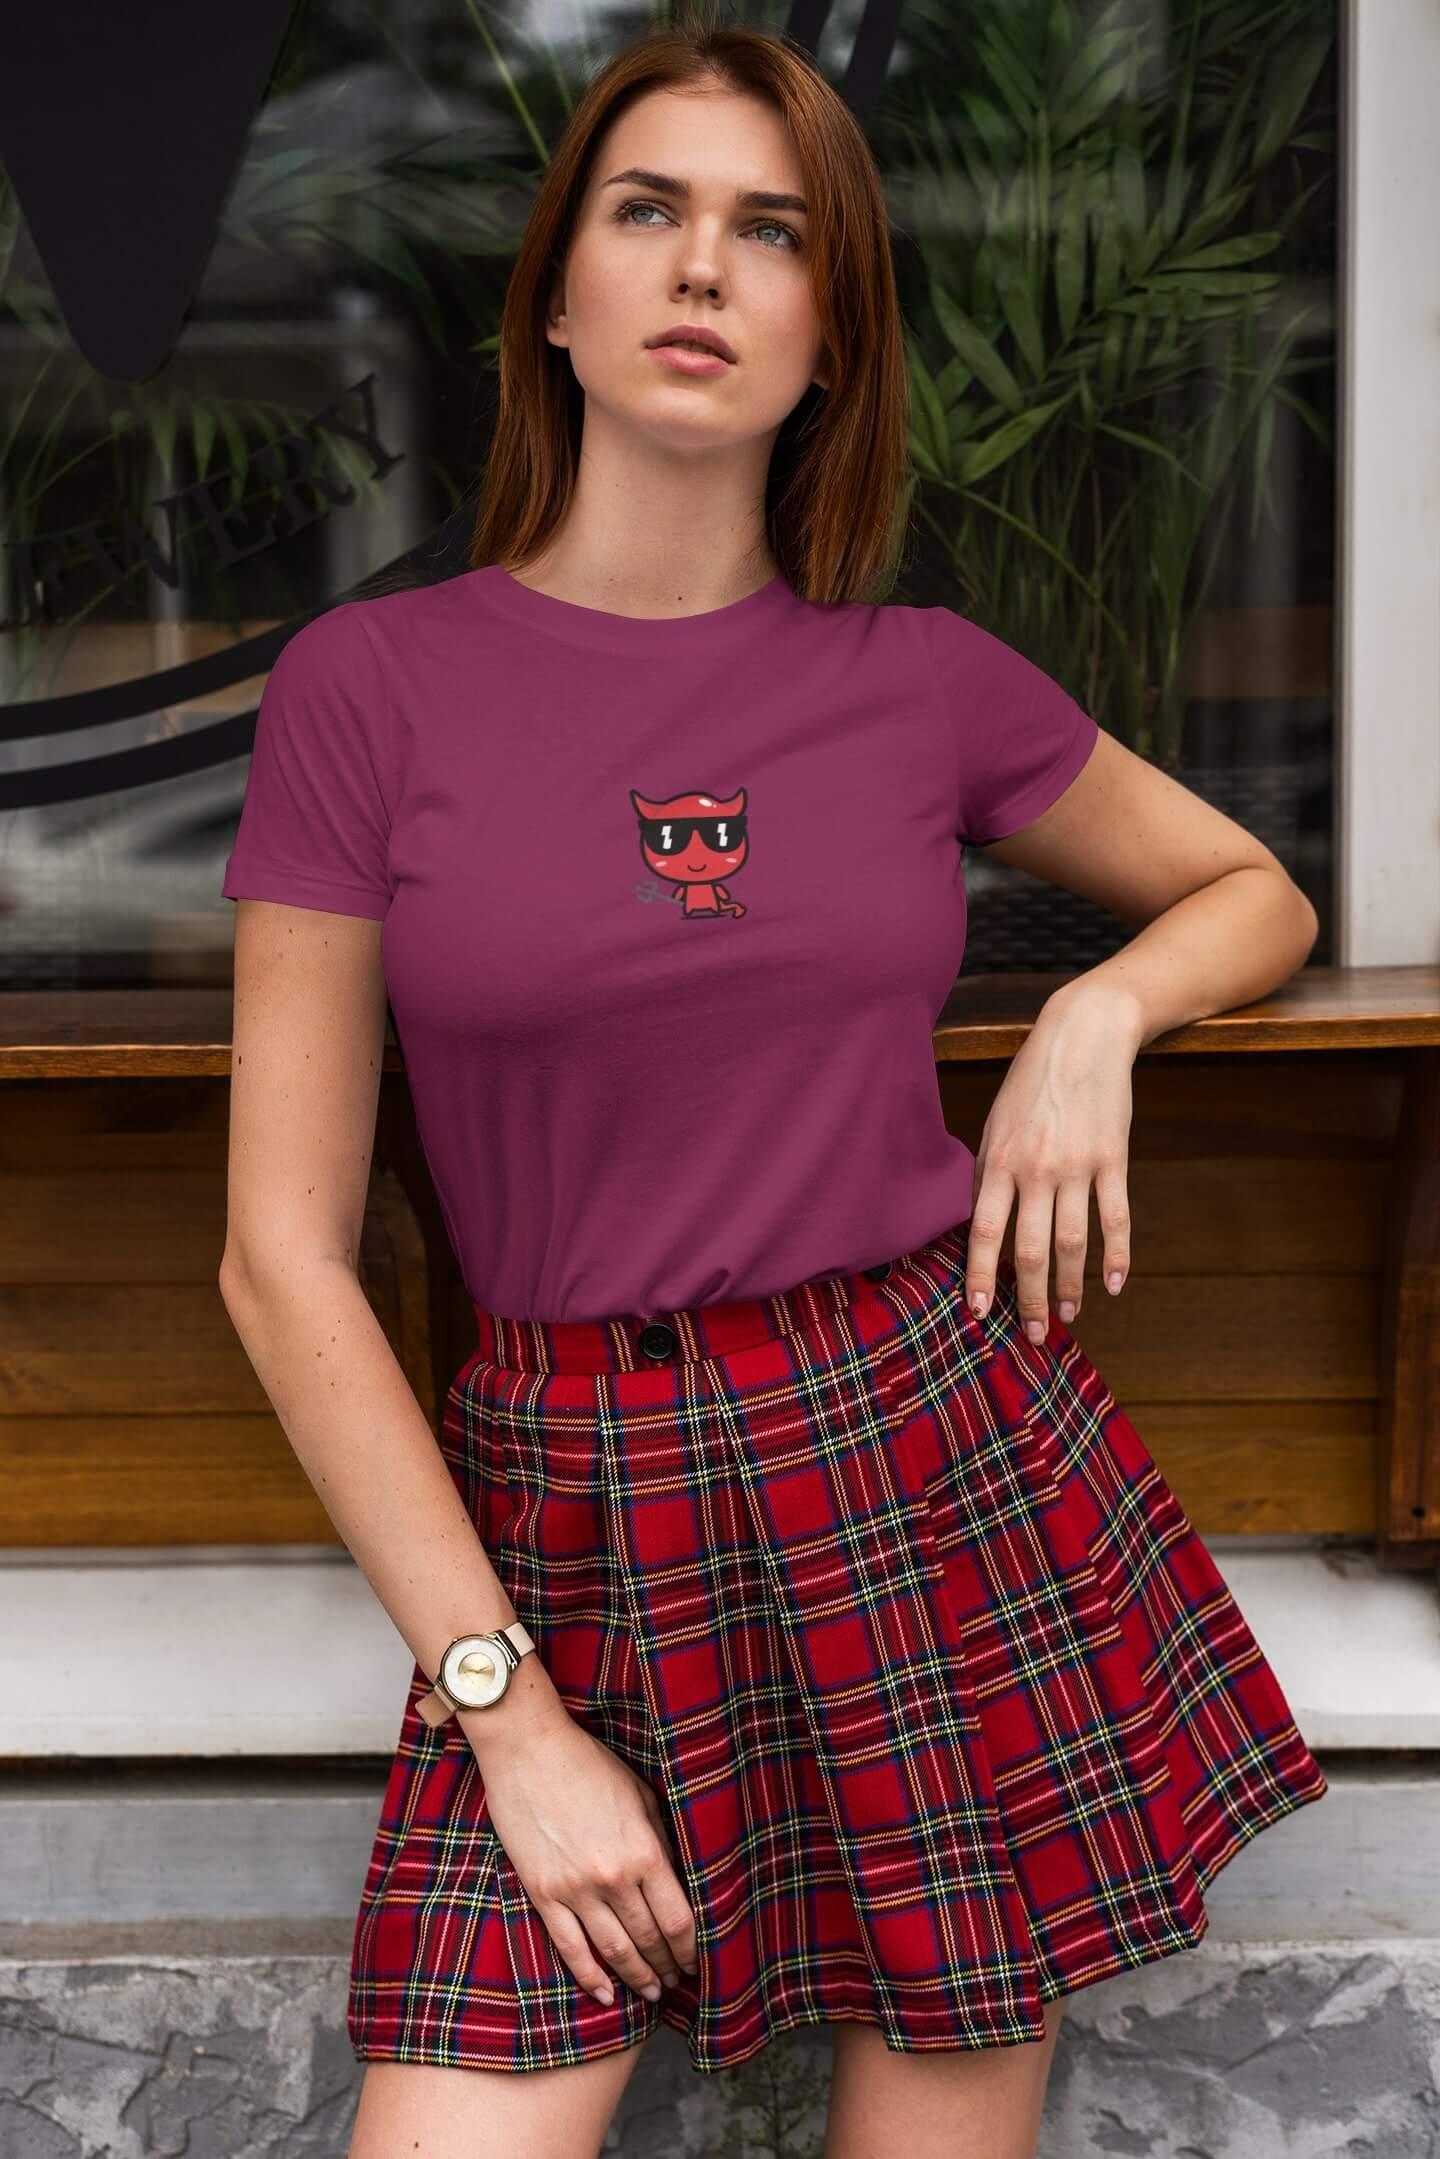 MMO Dámske tričko Čert s okuliarmi Vyberte farbu: Fuchsiovo červená, Vyberte veľkosť: XL